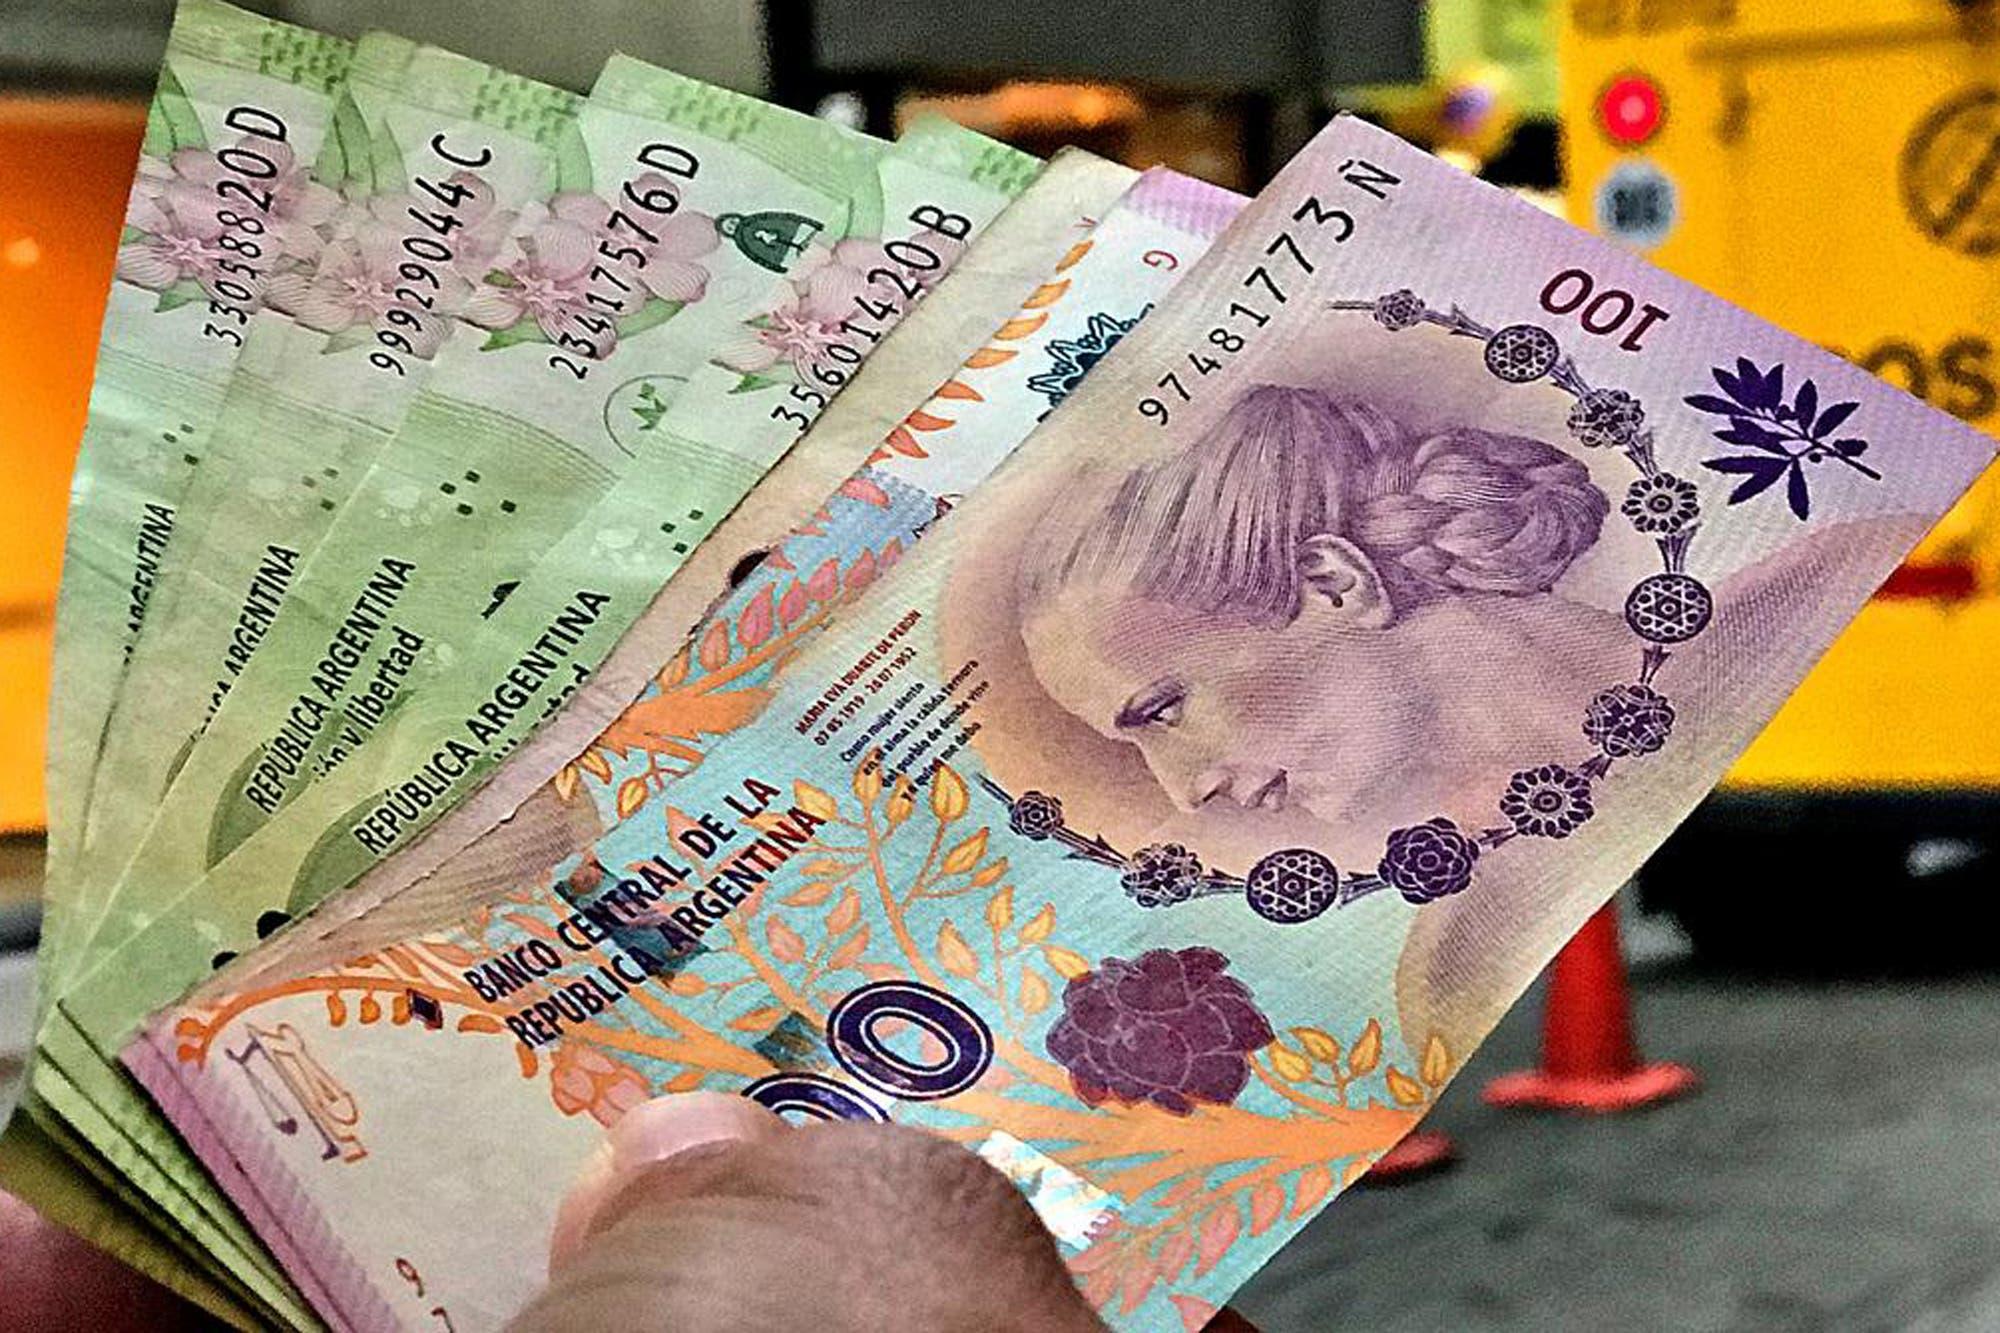 Guerra de monedas, Brasil, inflación y deuda: los desafíos de la economía que viene